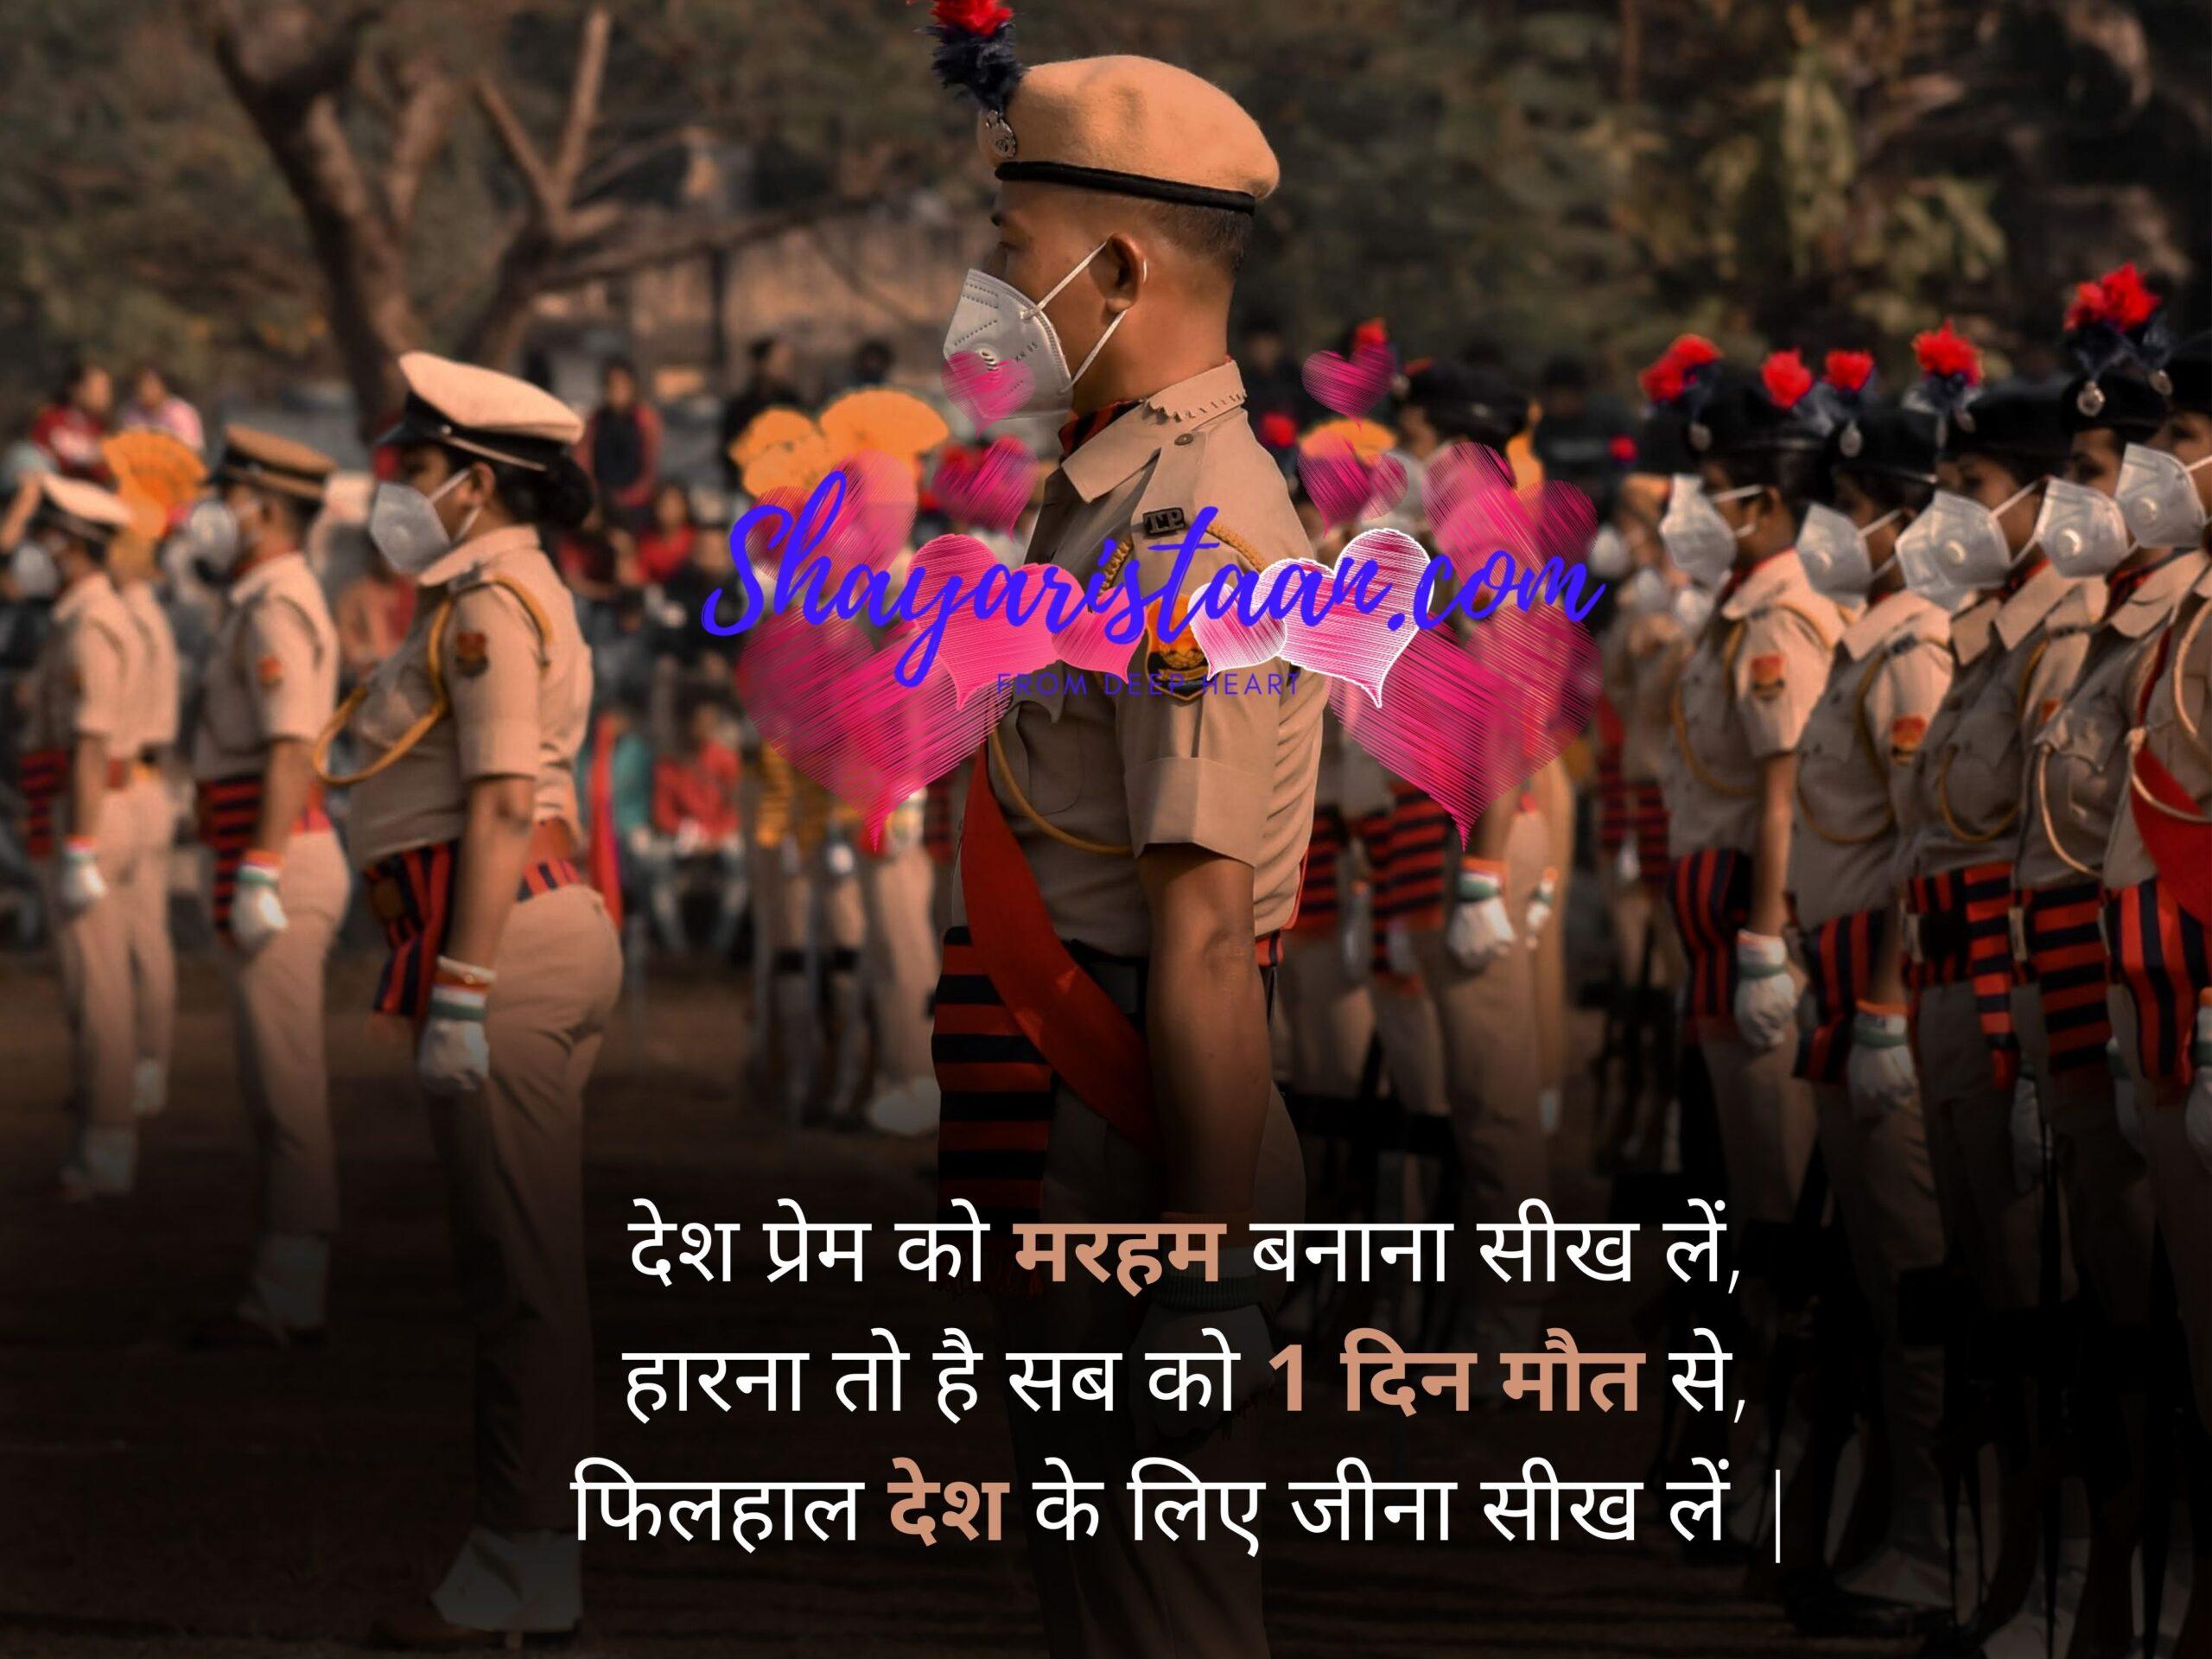 इंडियन आर्मी व्हाट्सएप स्टेटस | देश प्रेम को मरहम बनाना सीख लें, हारना तो है सब को 1 दिन मौत से, फिलहाल देश के लिए जीना सीख लें |